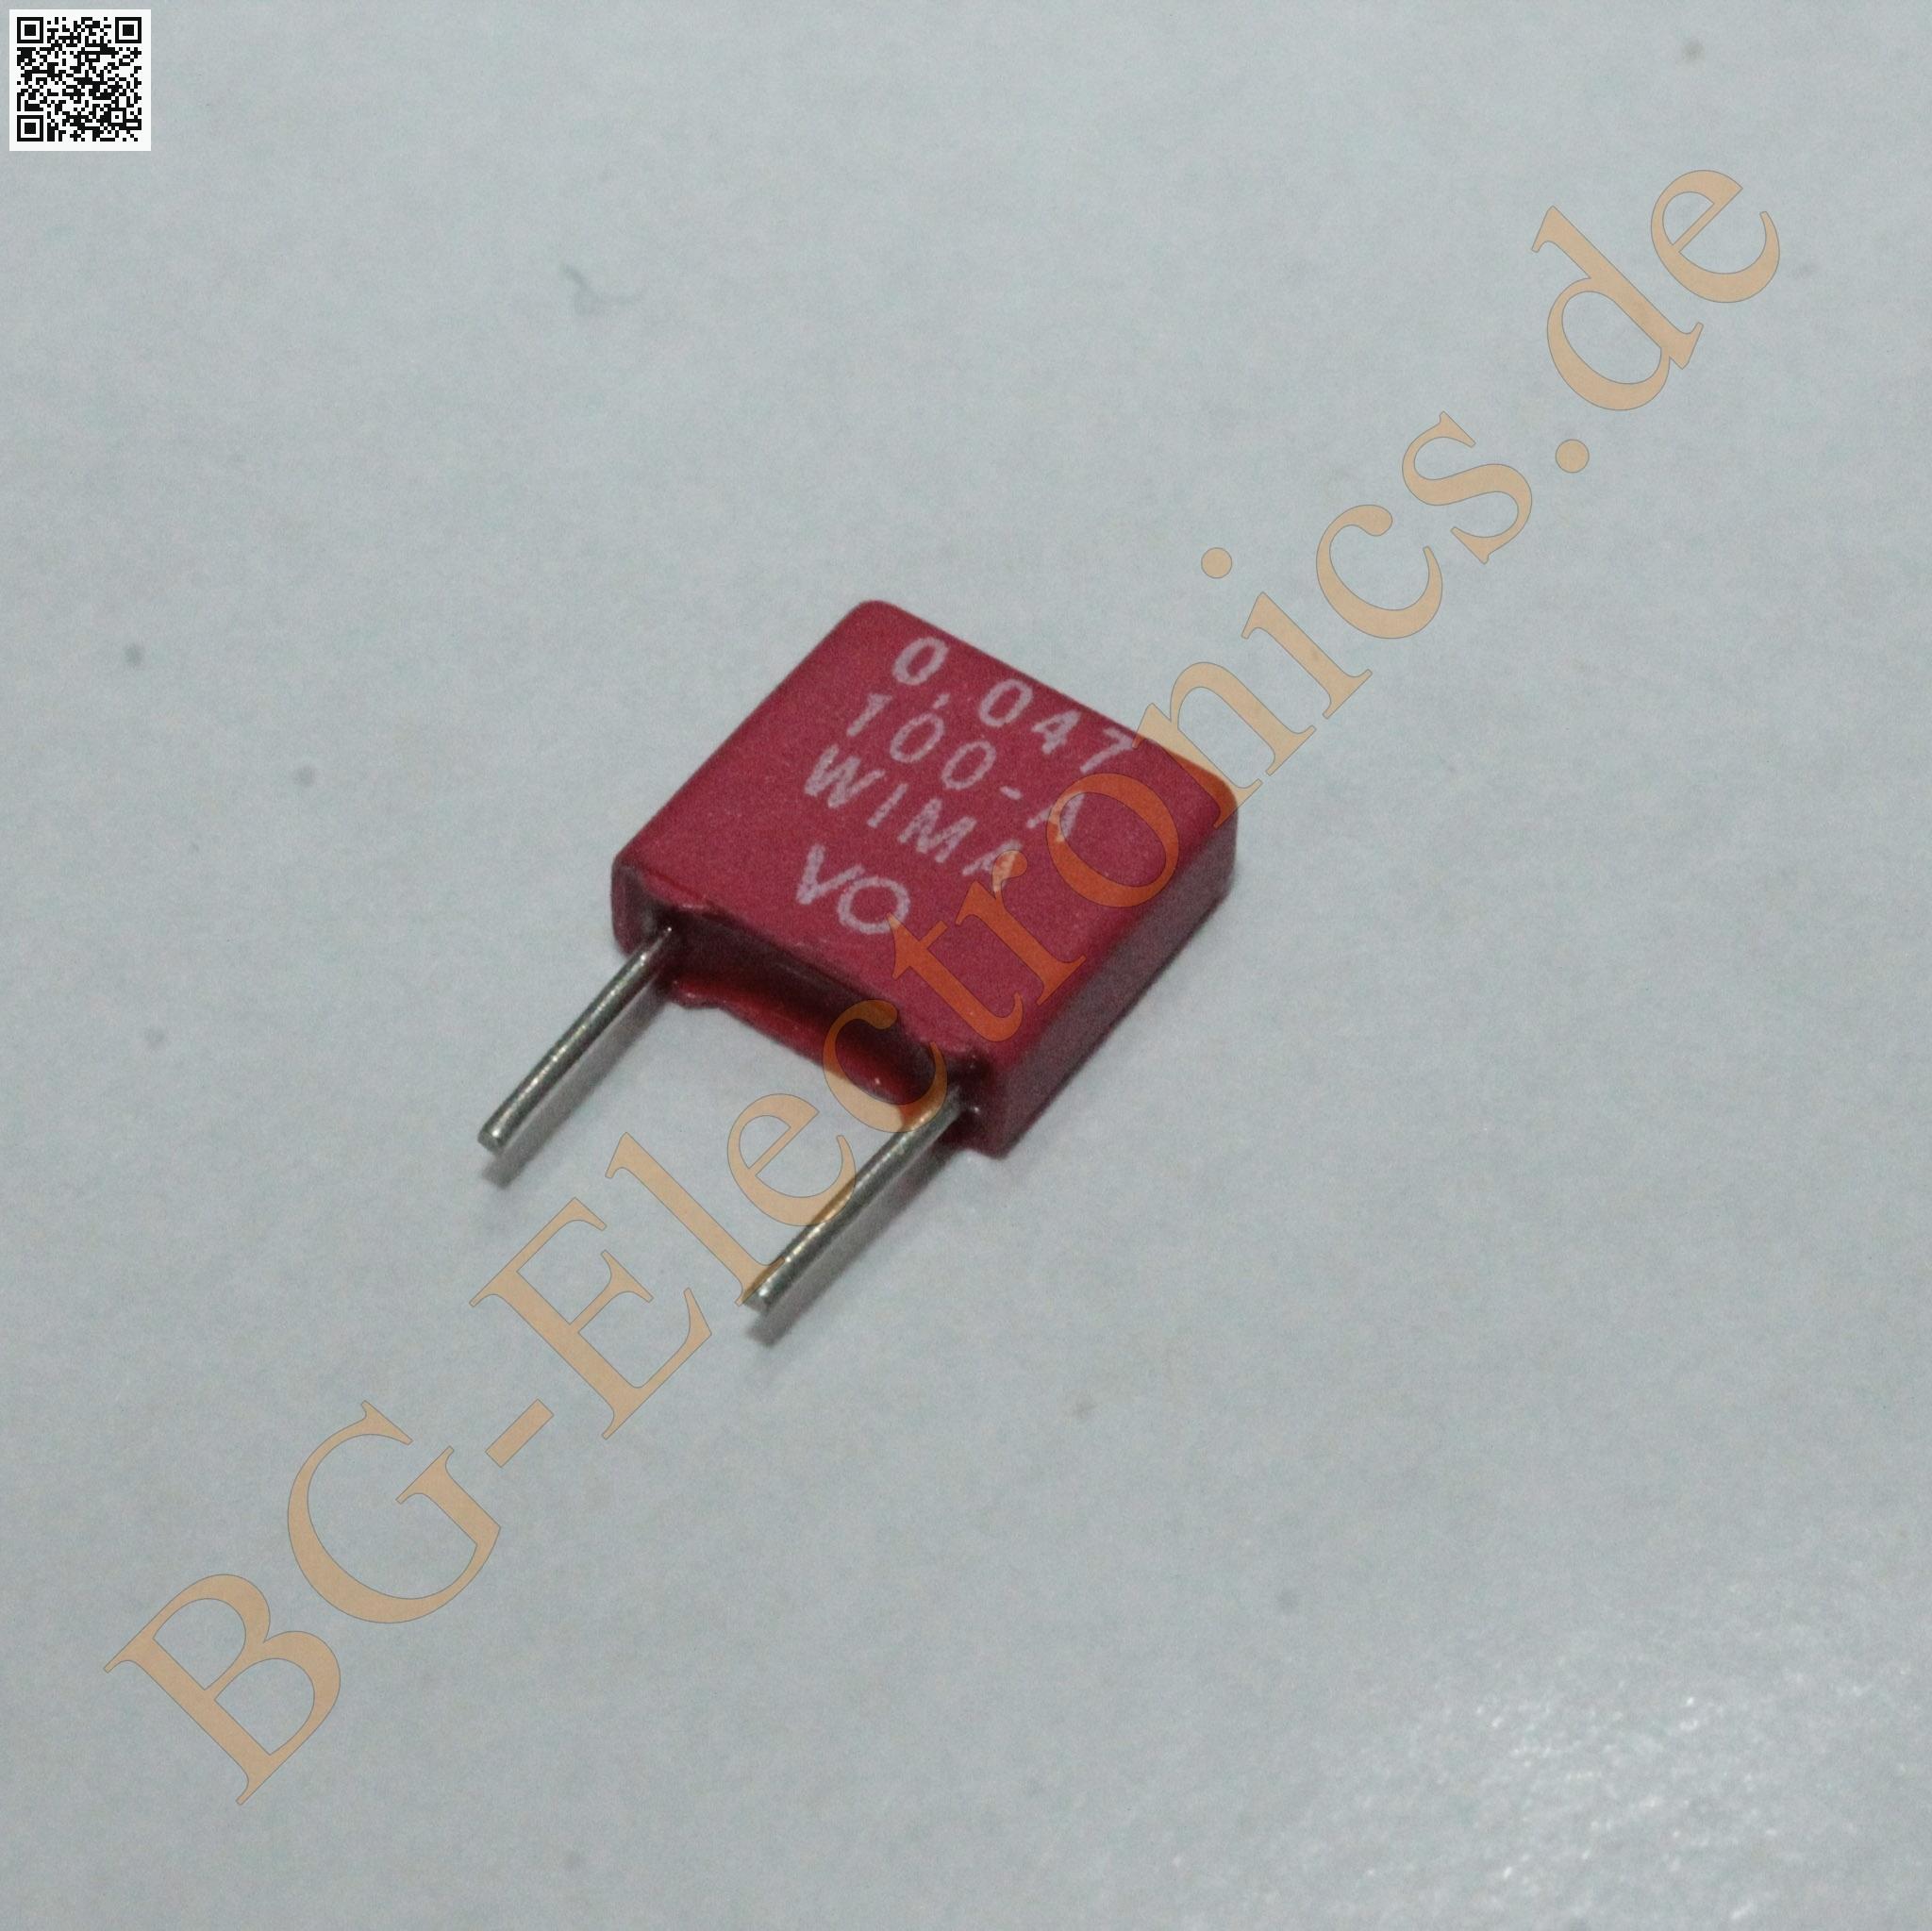 2 x 47nF 0.047uF 0.047µF 400V MKP-10 RM15 Folien Kondensator Capac WIMA  2pcs